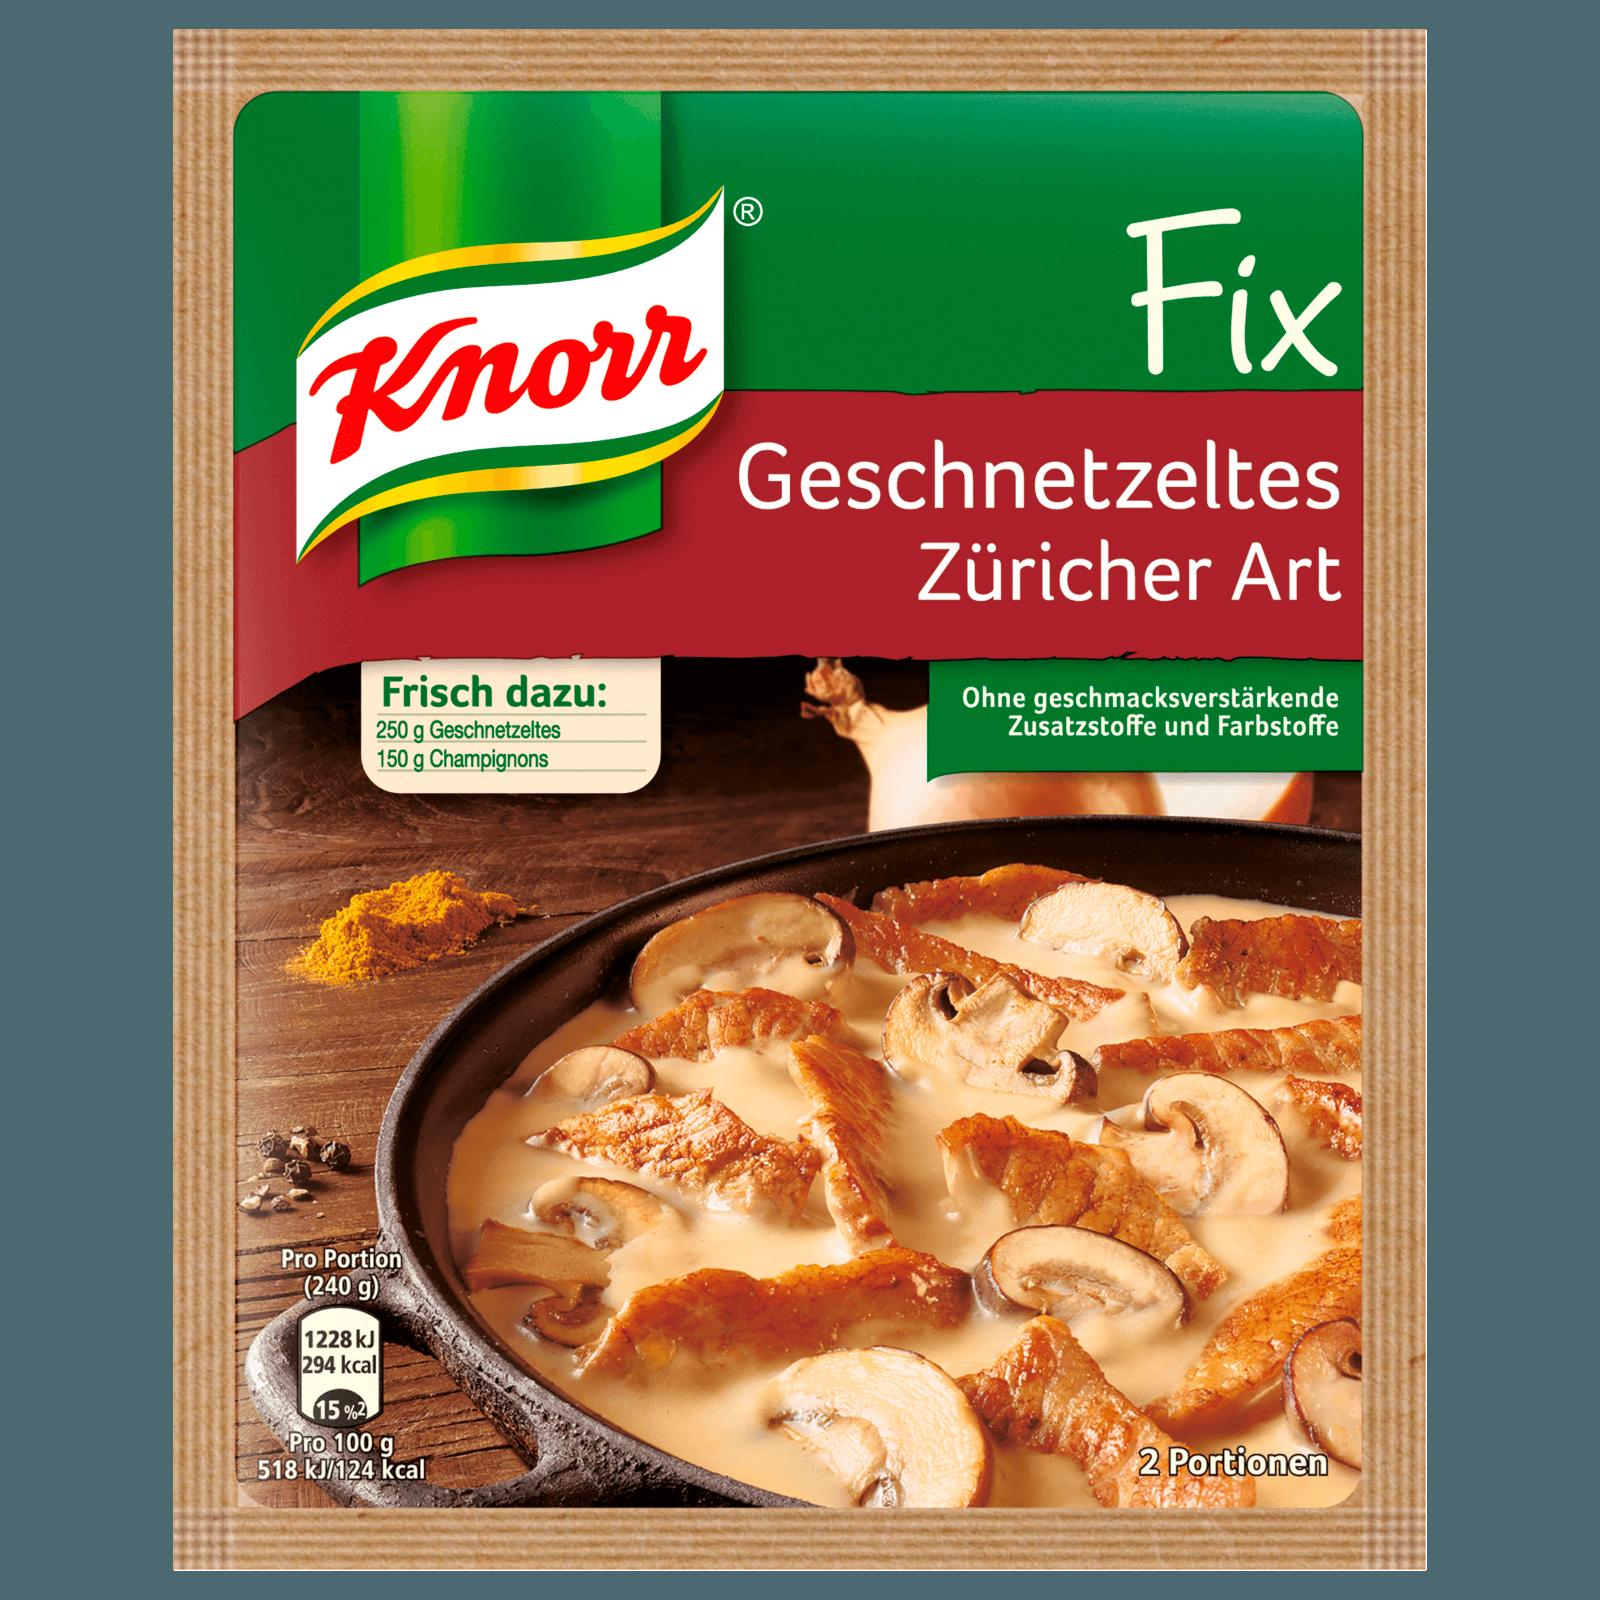 Knorr Fix Geschnetzeltes Züricher Art 2 Portionen